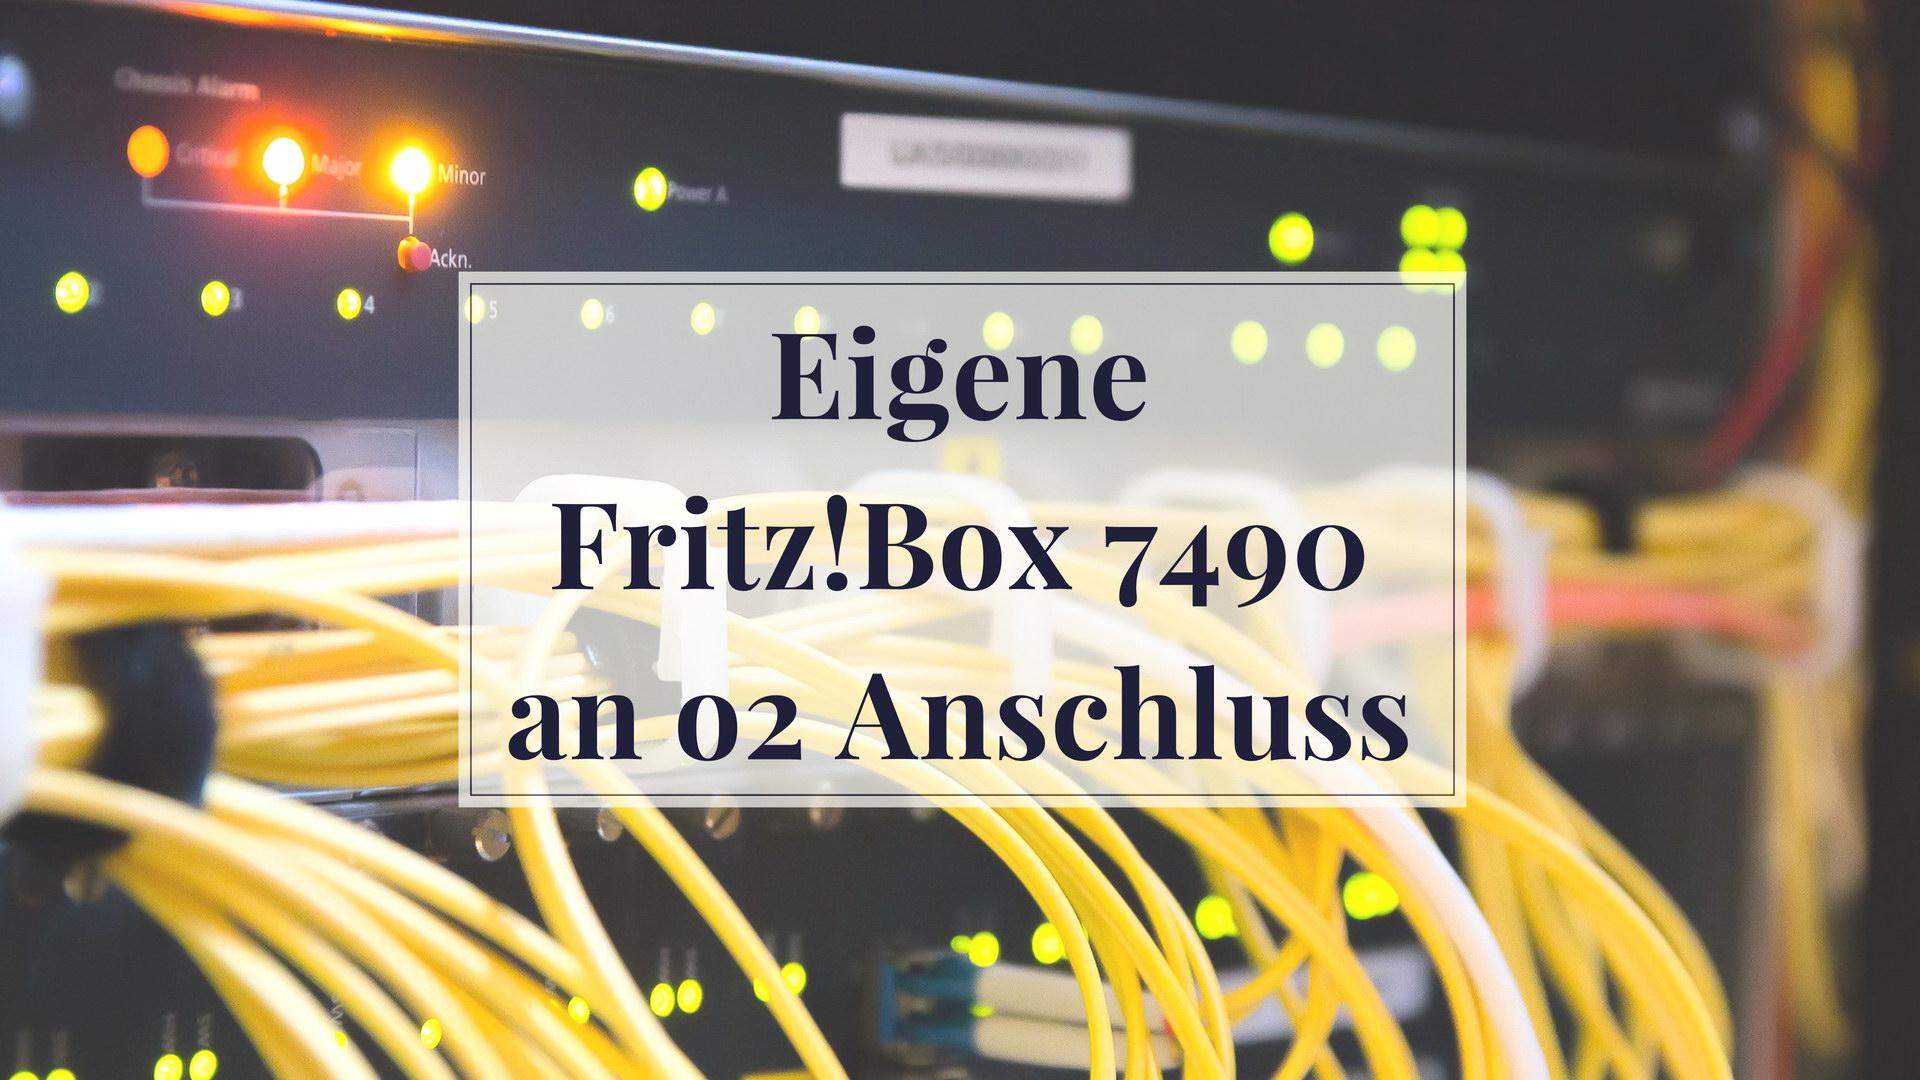 Eigene FritzBox 7490 an o2 Anschluss